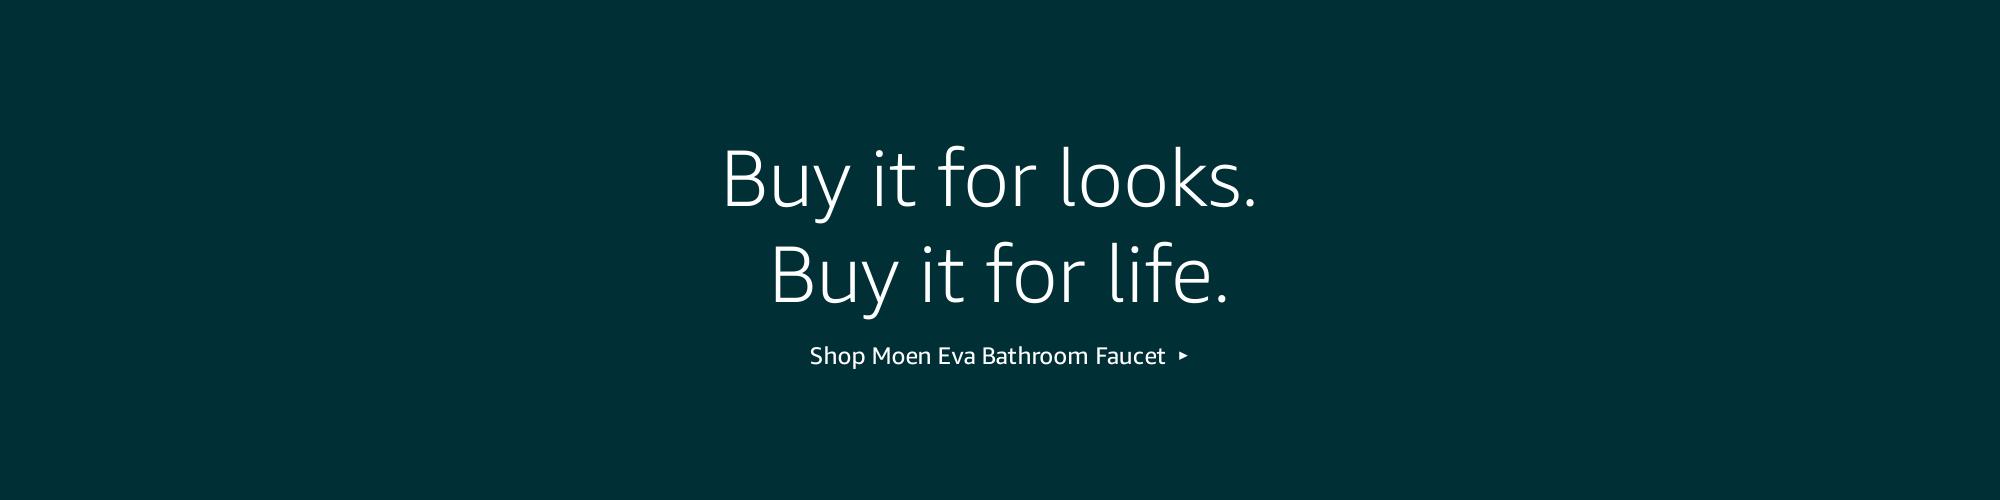 Buy it for looks. Buy it for life. Shop Moen Eva Bathroom Faucet.